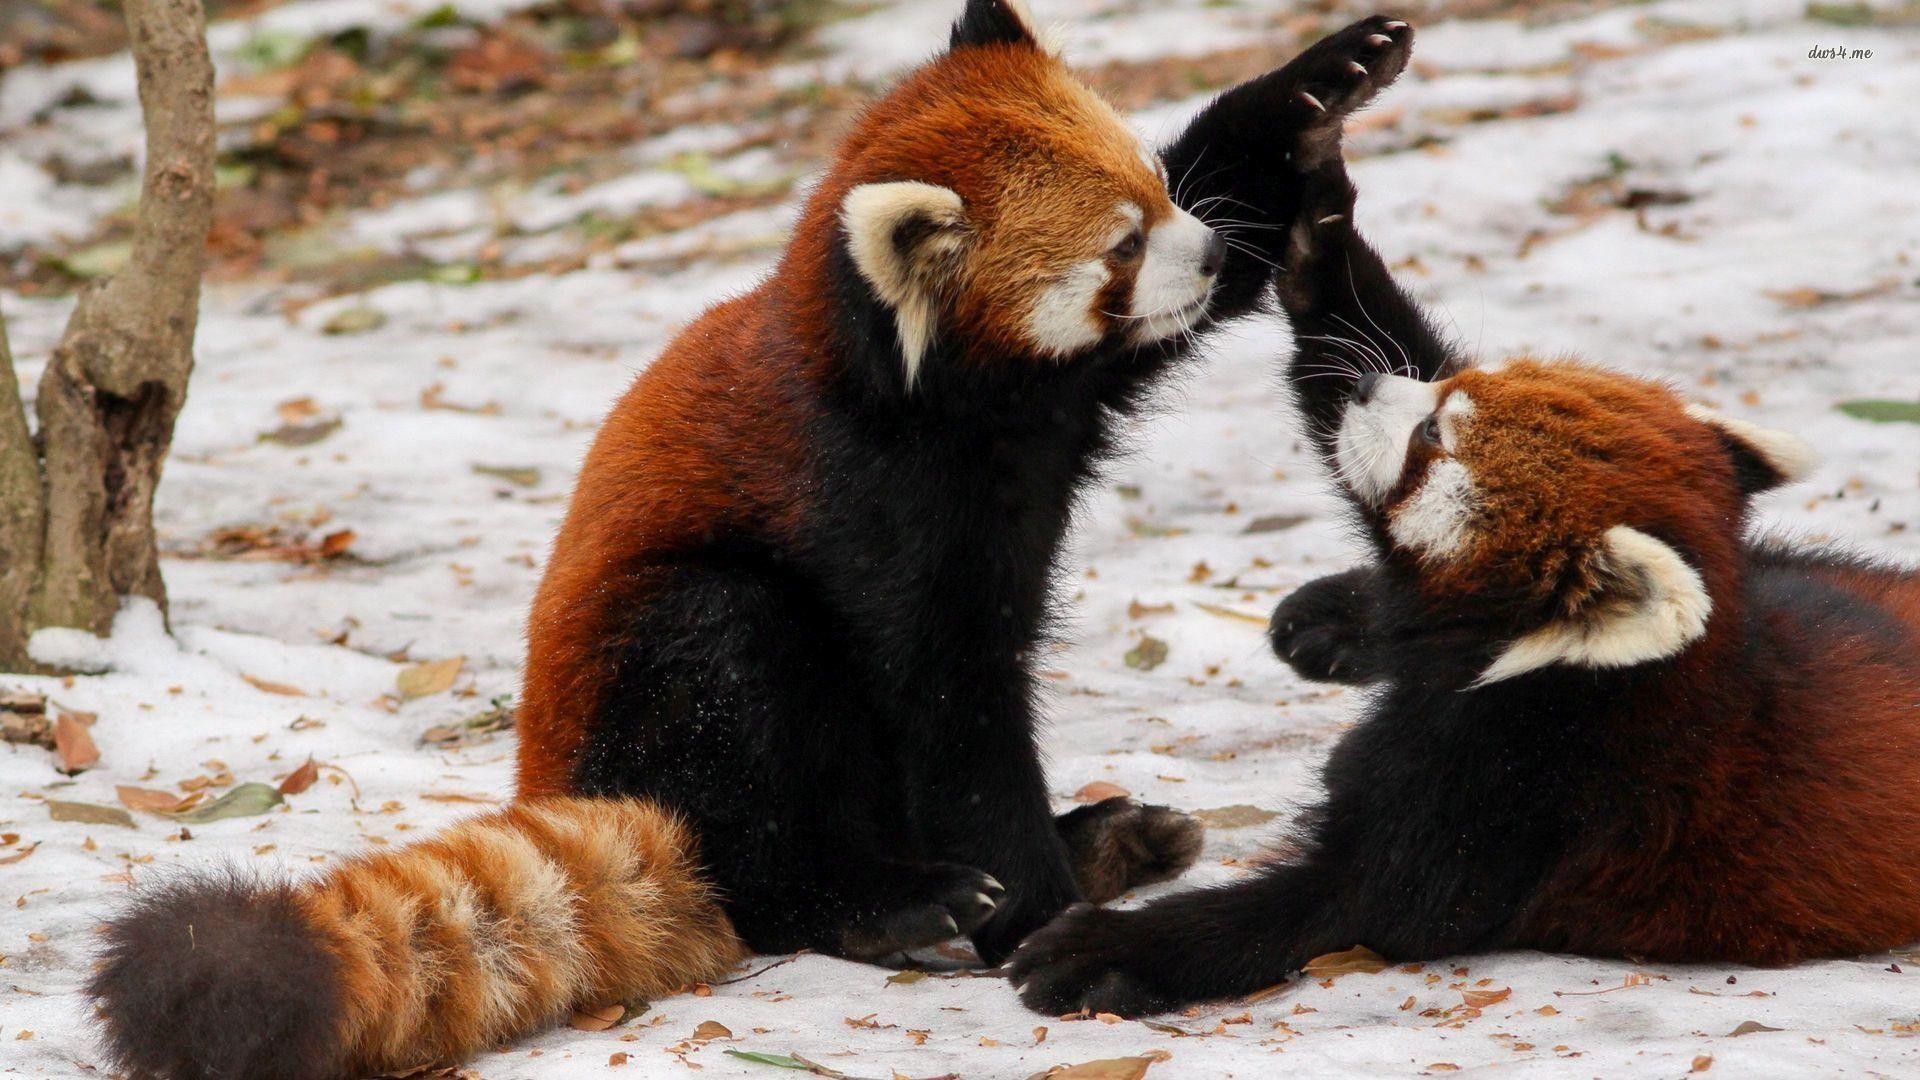 1080x2160 Cute Red Panda Art Wallpaper Panda Art Animal Wallpaper Panda Wallpapers